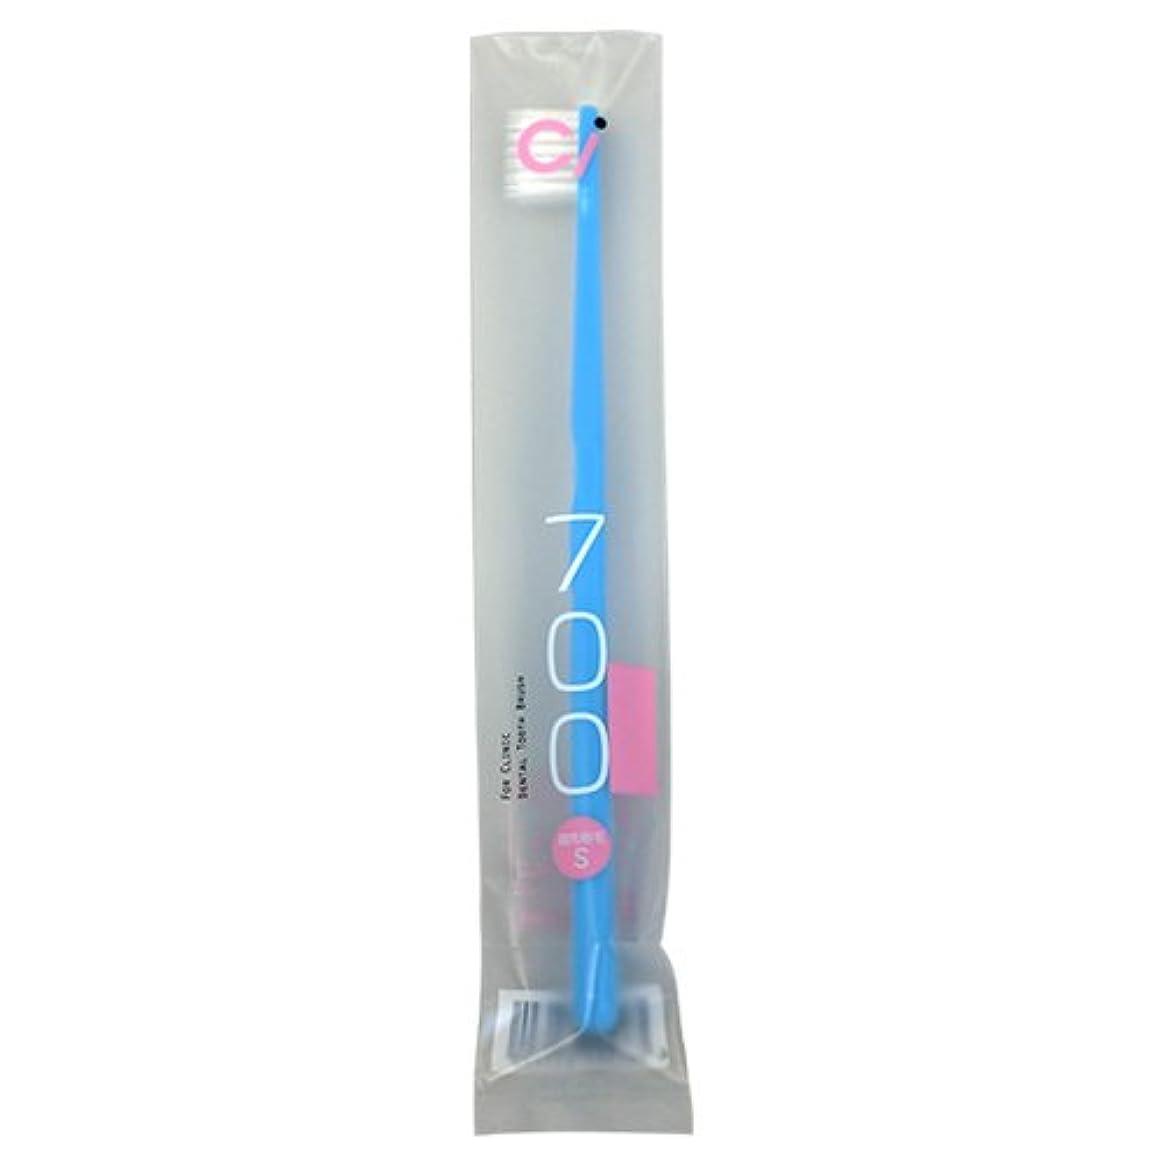 ギャラントリーアイデア最も遠いCiメディカル Ci700 超先細 ラウンド毛 歯ブラシ 1本 (Sやわらかめ)ブルー